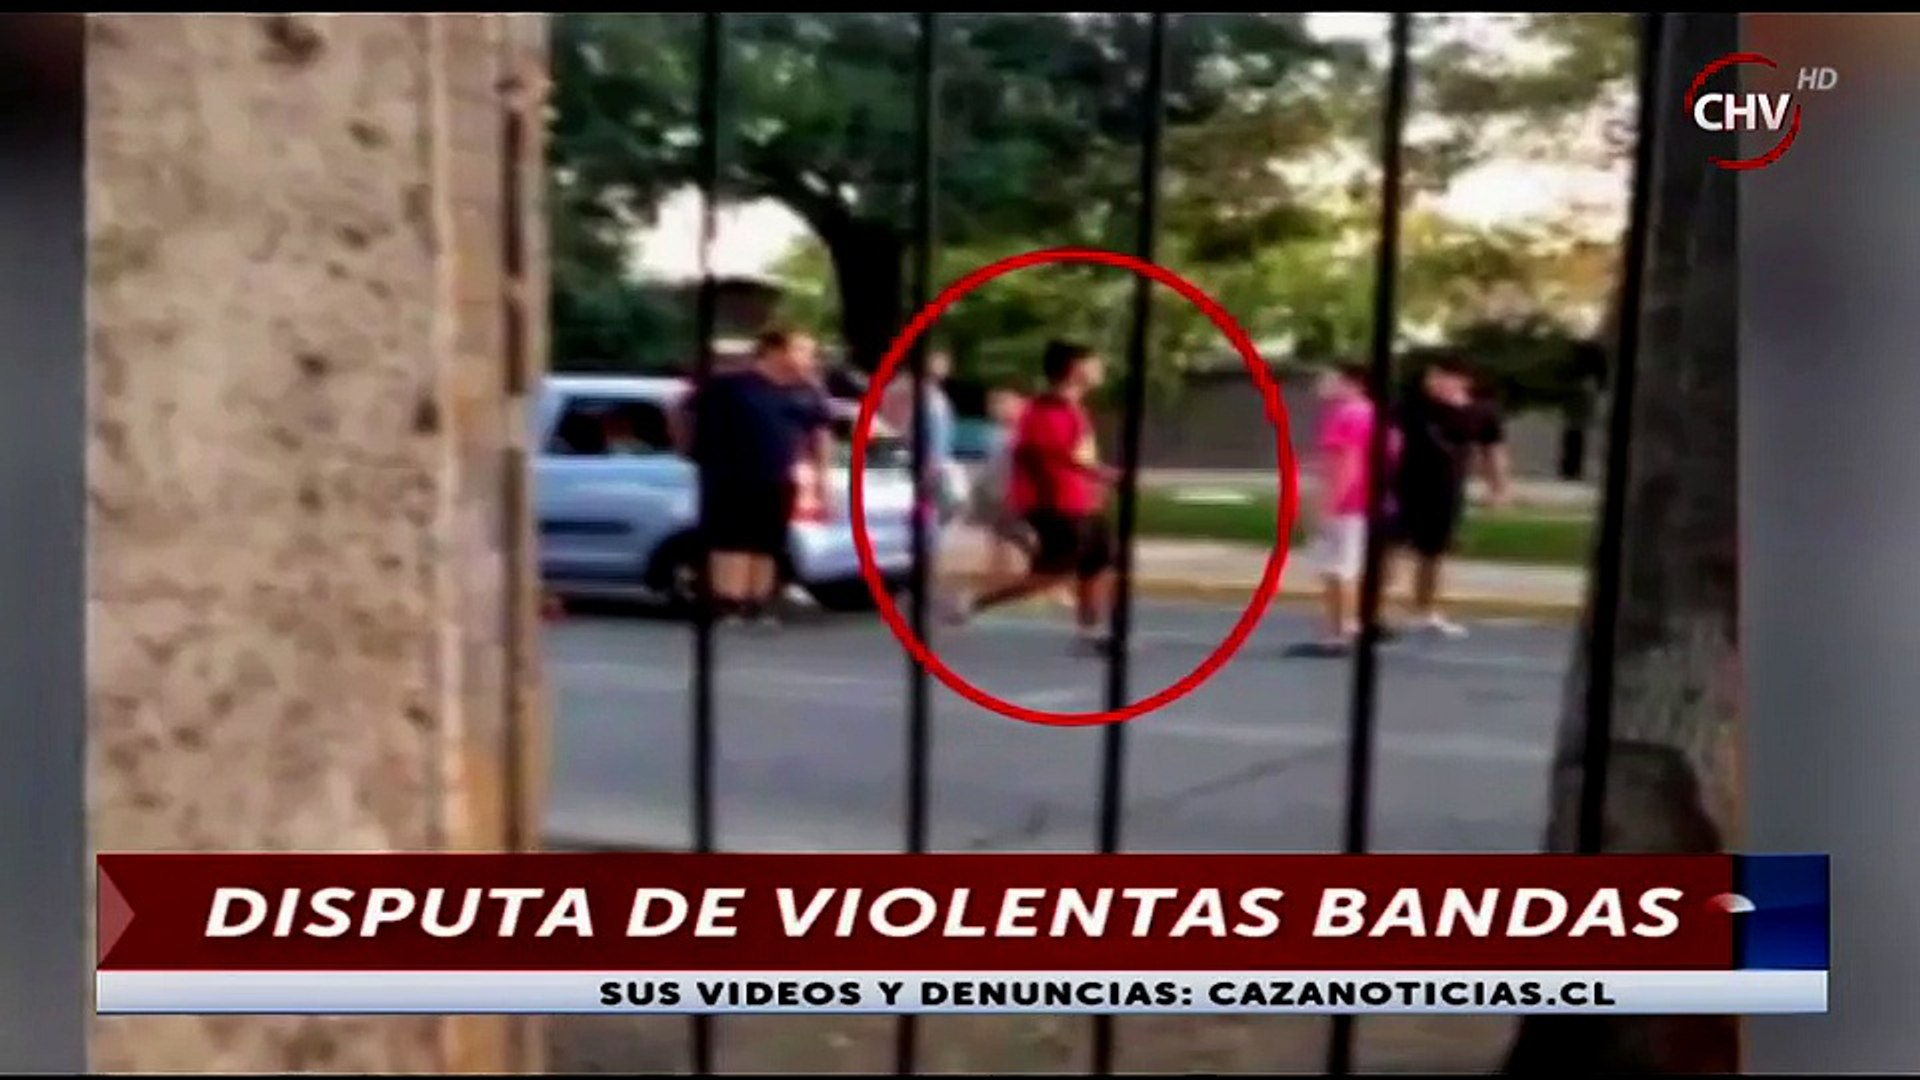 Vecinos grabaron impactante pelea callejera entre bandas rivales a plena luz del día